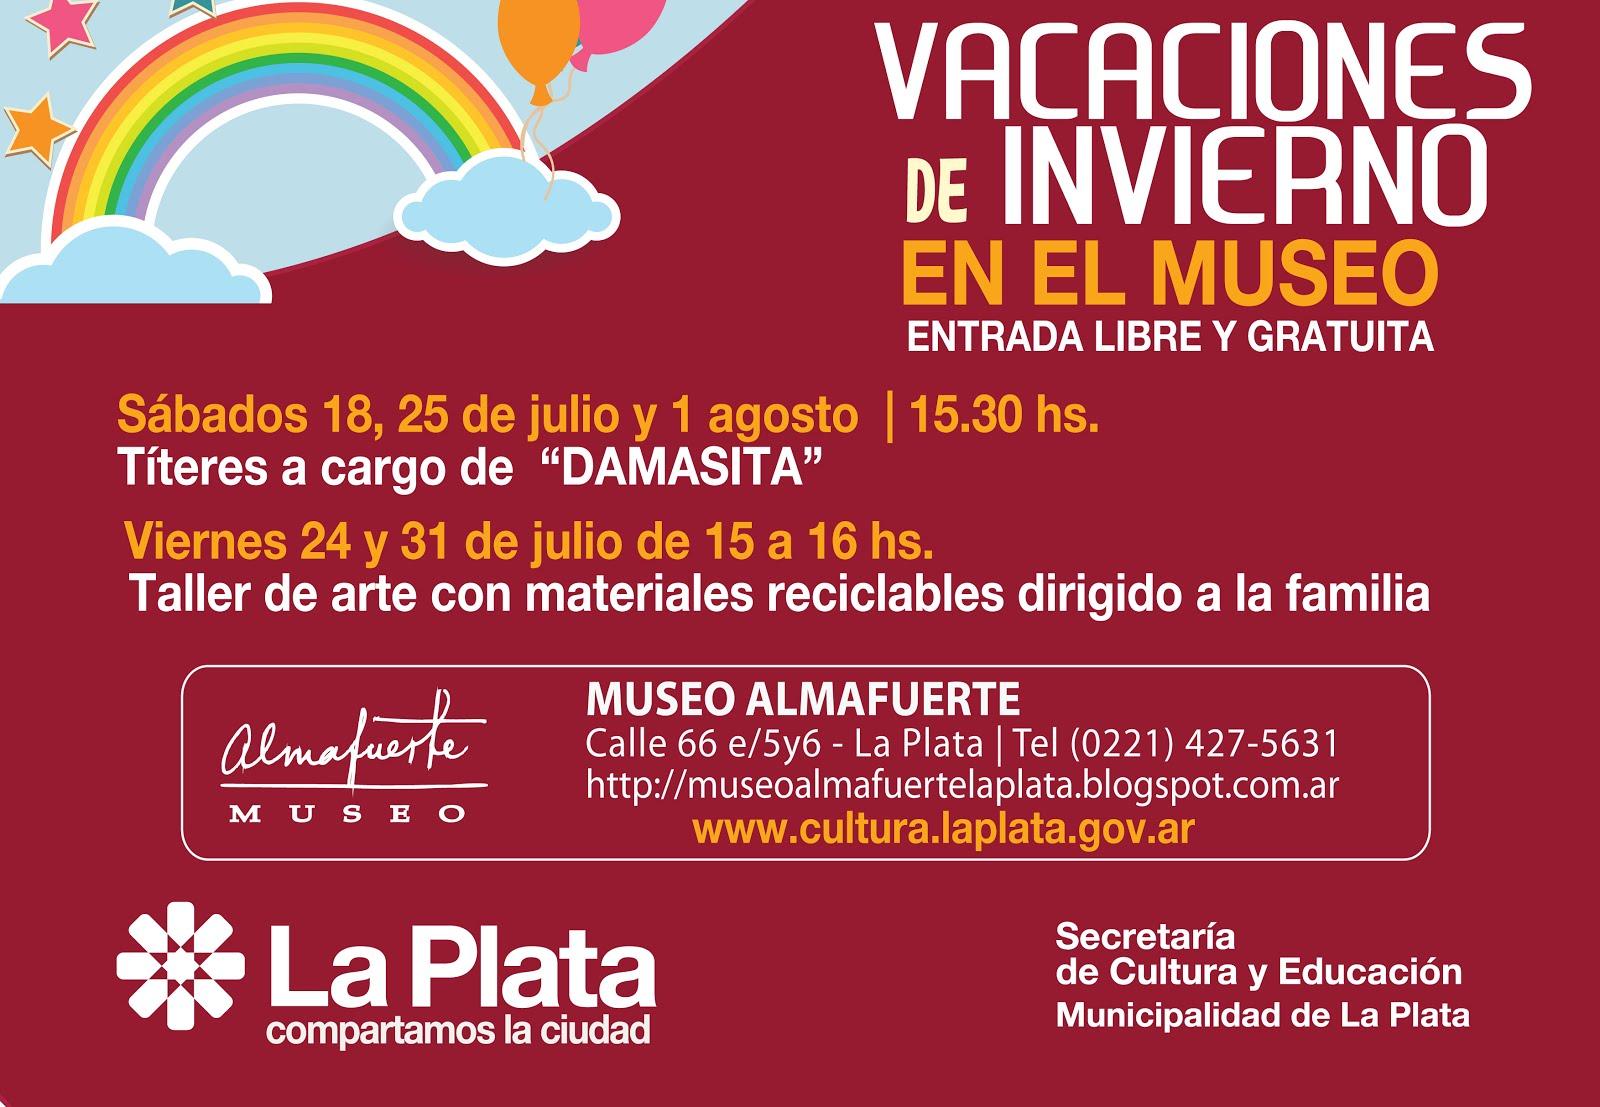 VACACIONES EN EL MUSEO ALMAFUERTE